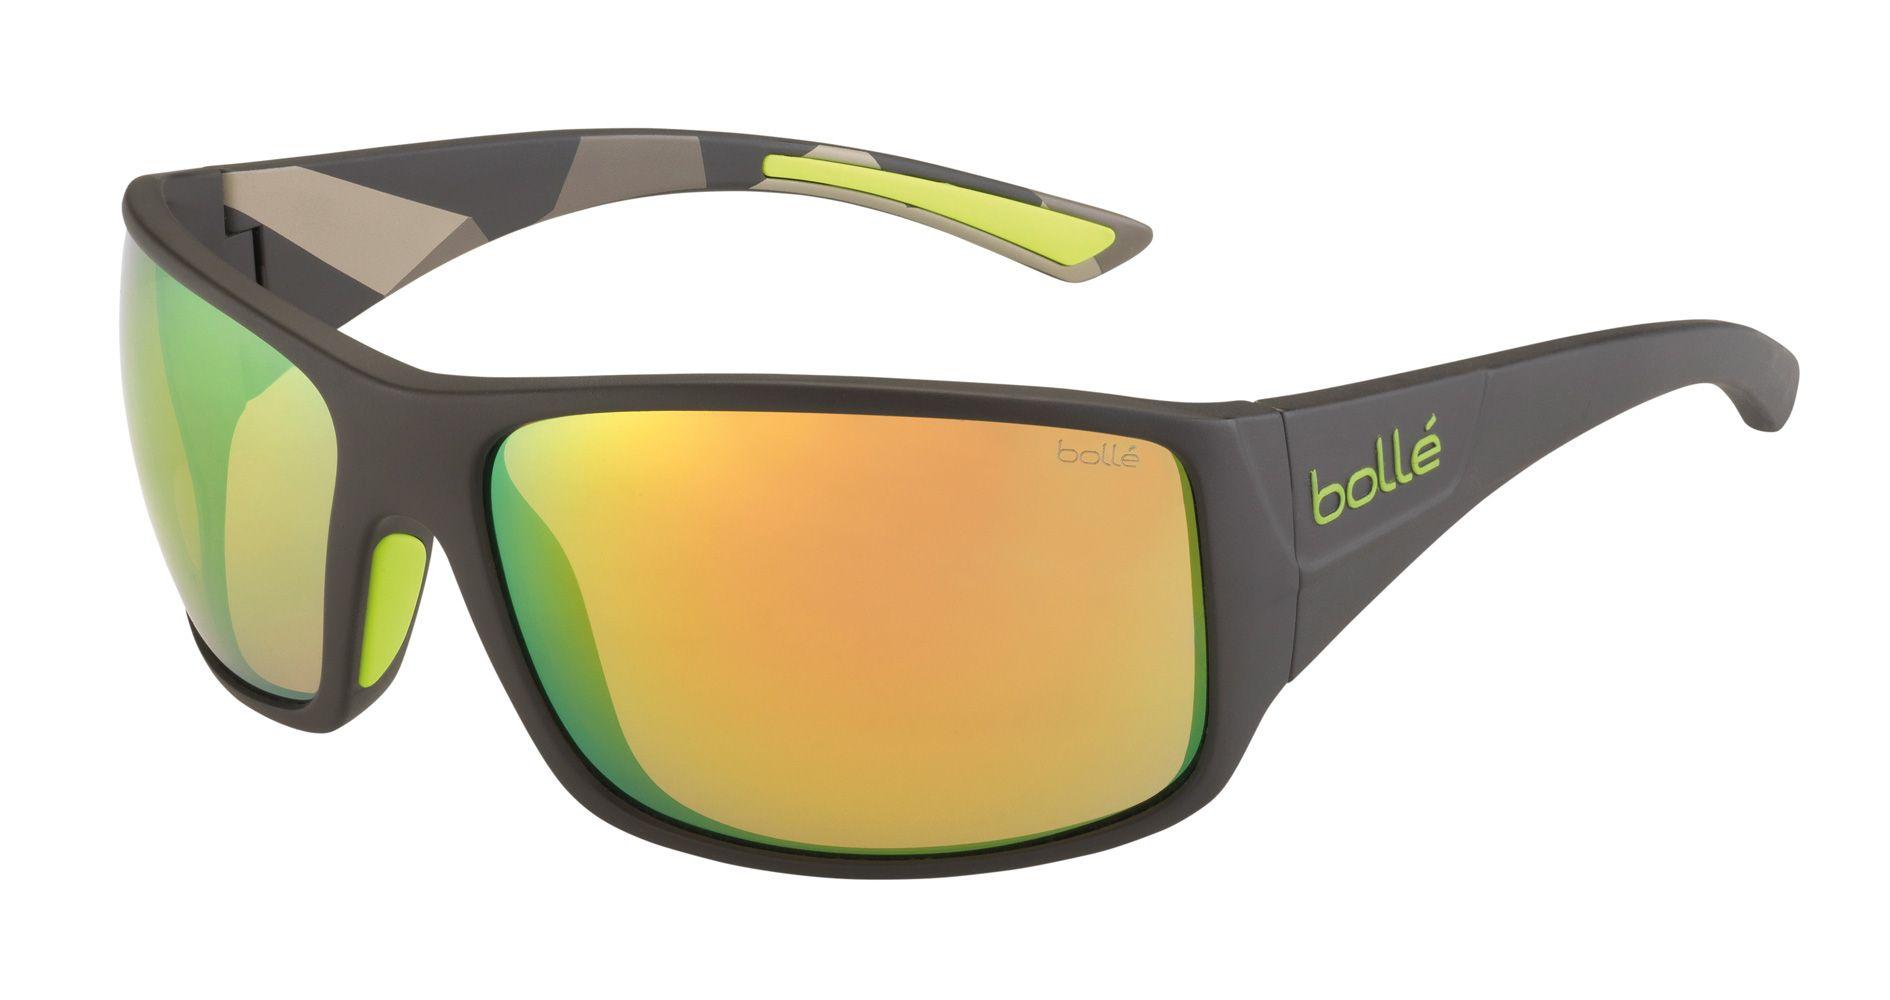 38a10a06ffd02 Bolle Tigersnake Sunglasses Matte Smoke green Frame Brown Emerald ...